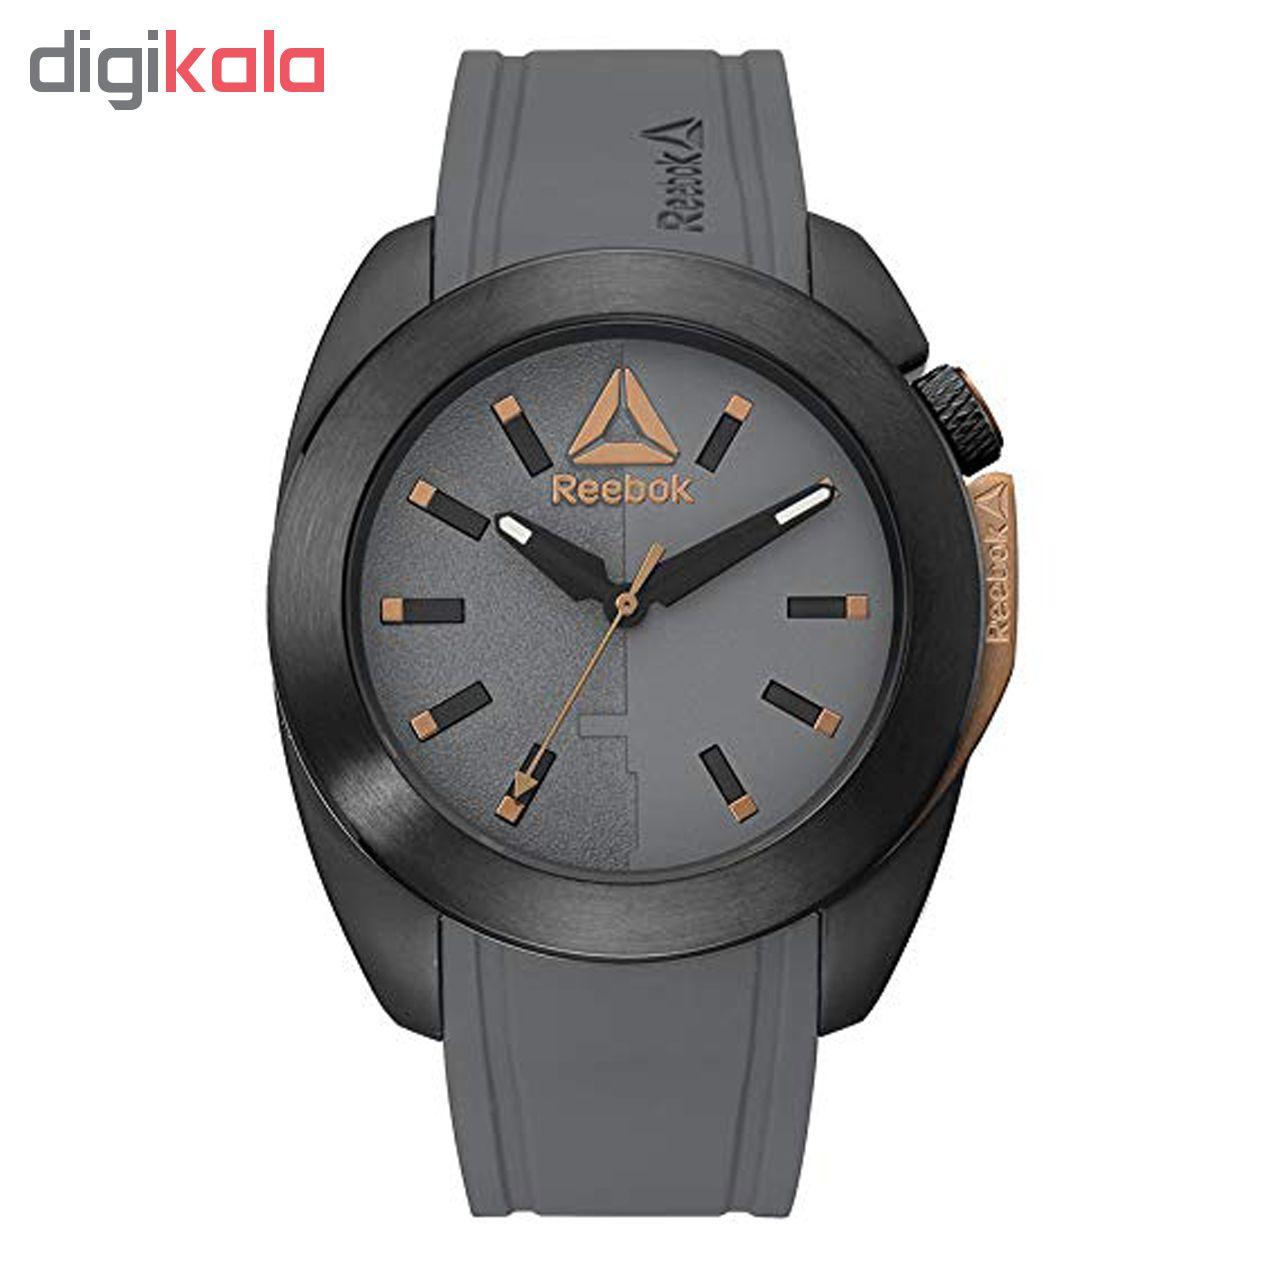 خرید ساعت مچی عقربه ای مردانه ریباک مدل RD-DRO-G2-PBIA-A3